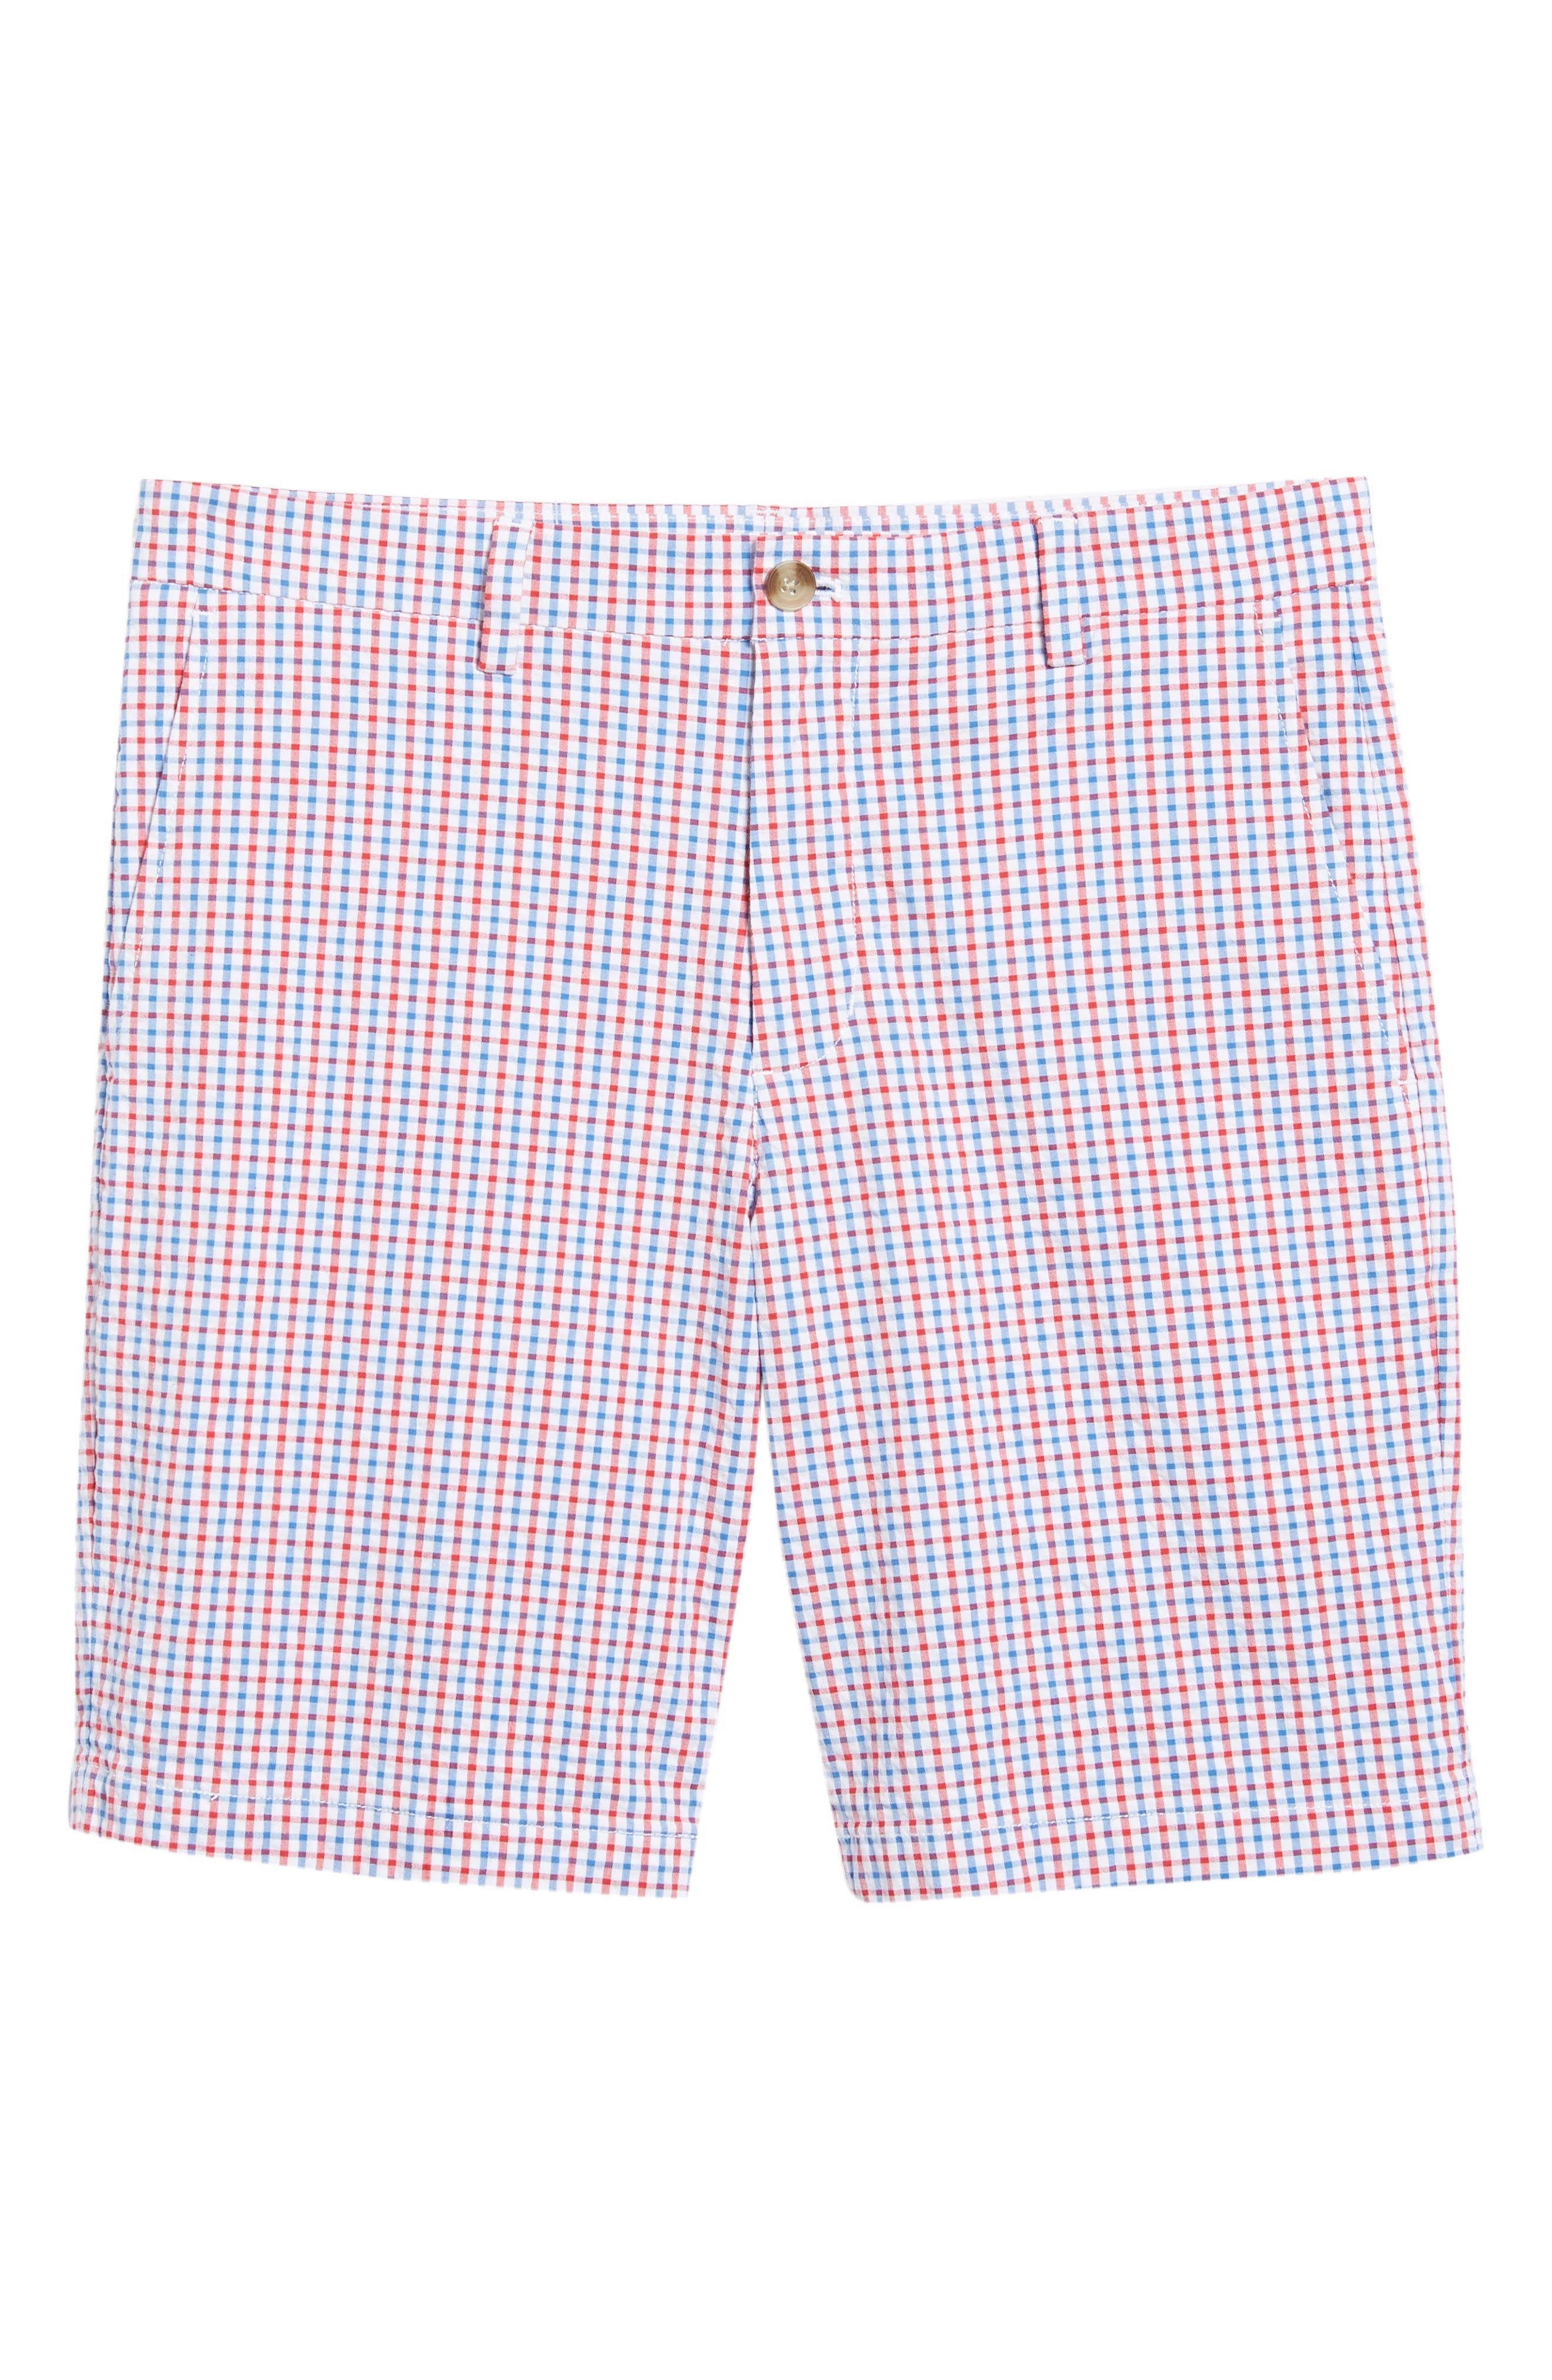 Gingham Seersucker Stretch Breaker Shorts,                             Alternate thumbnail 6, color,                             427